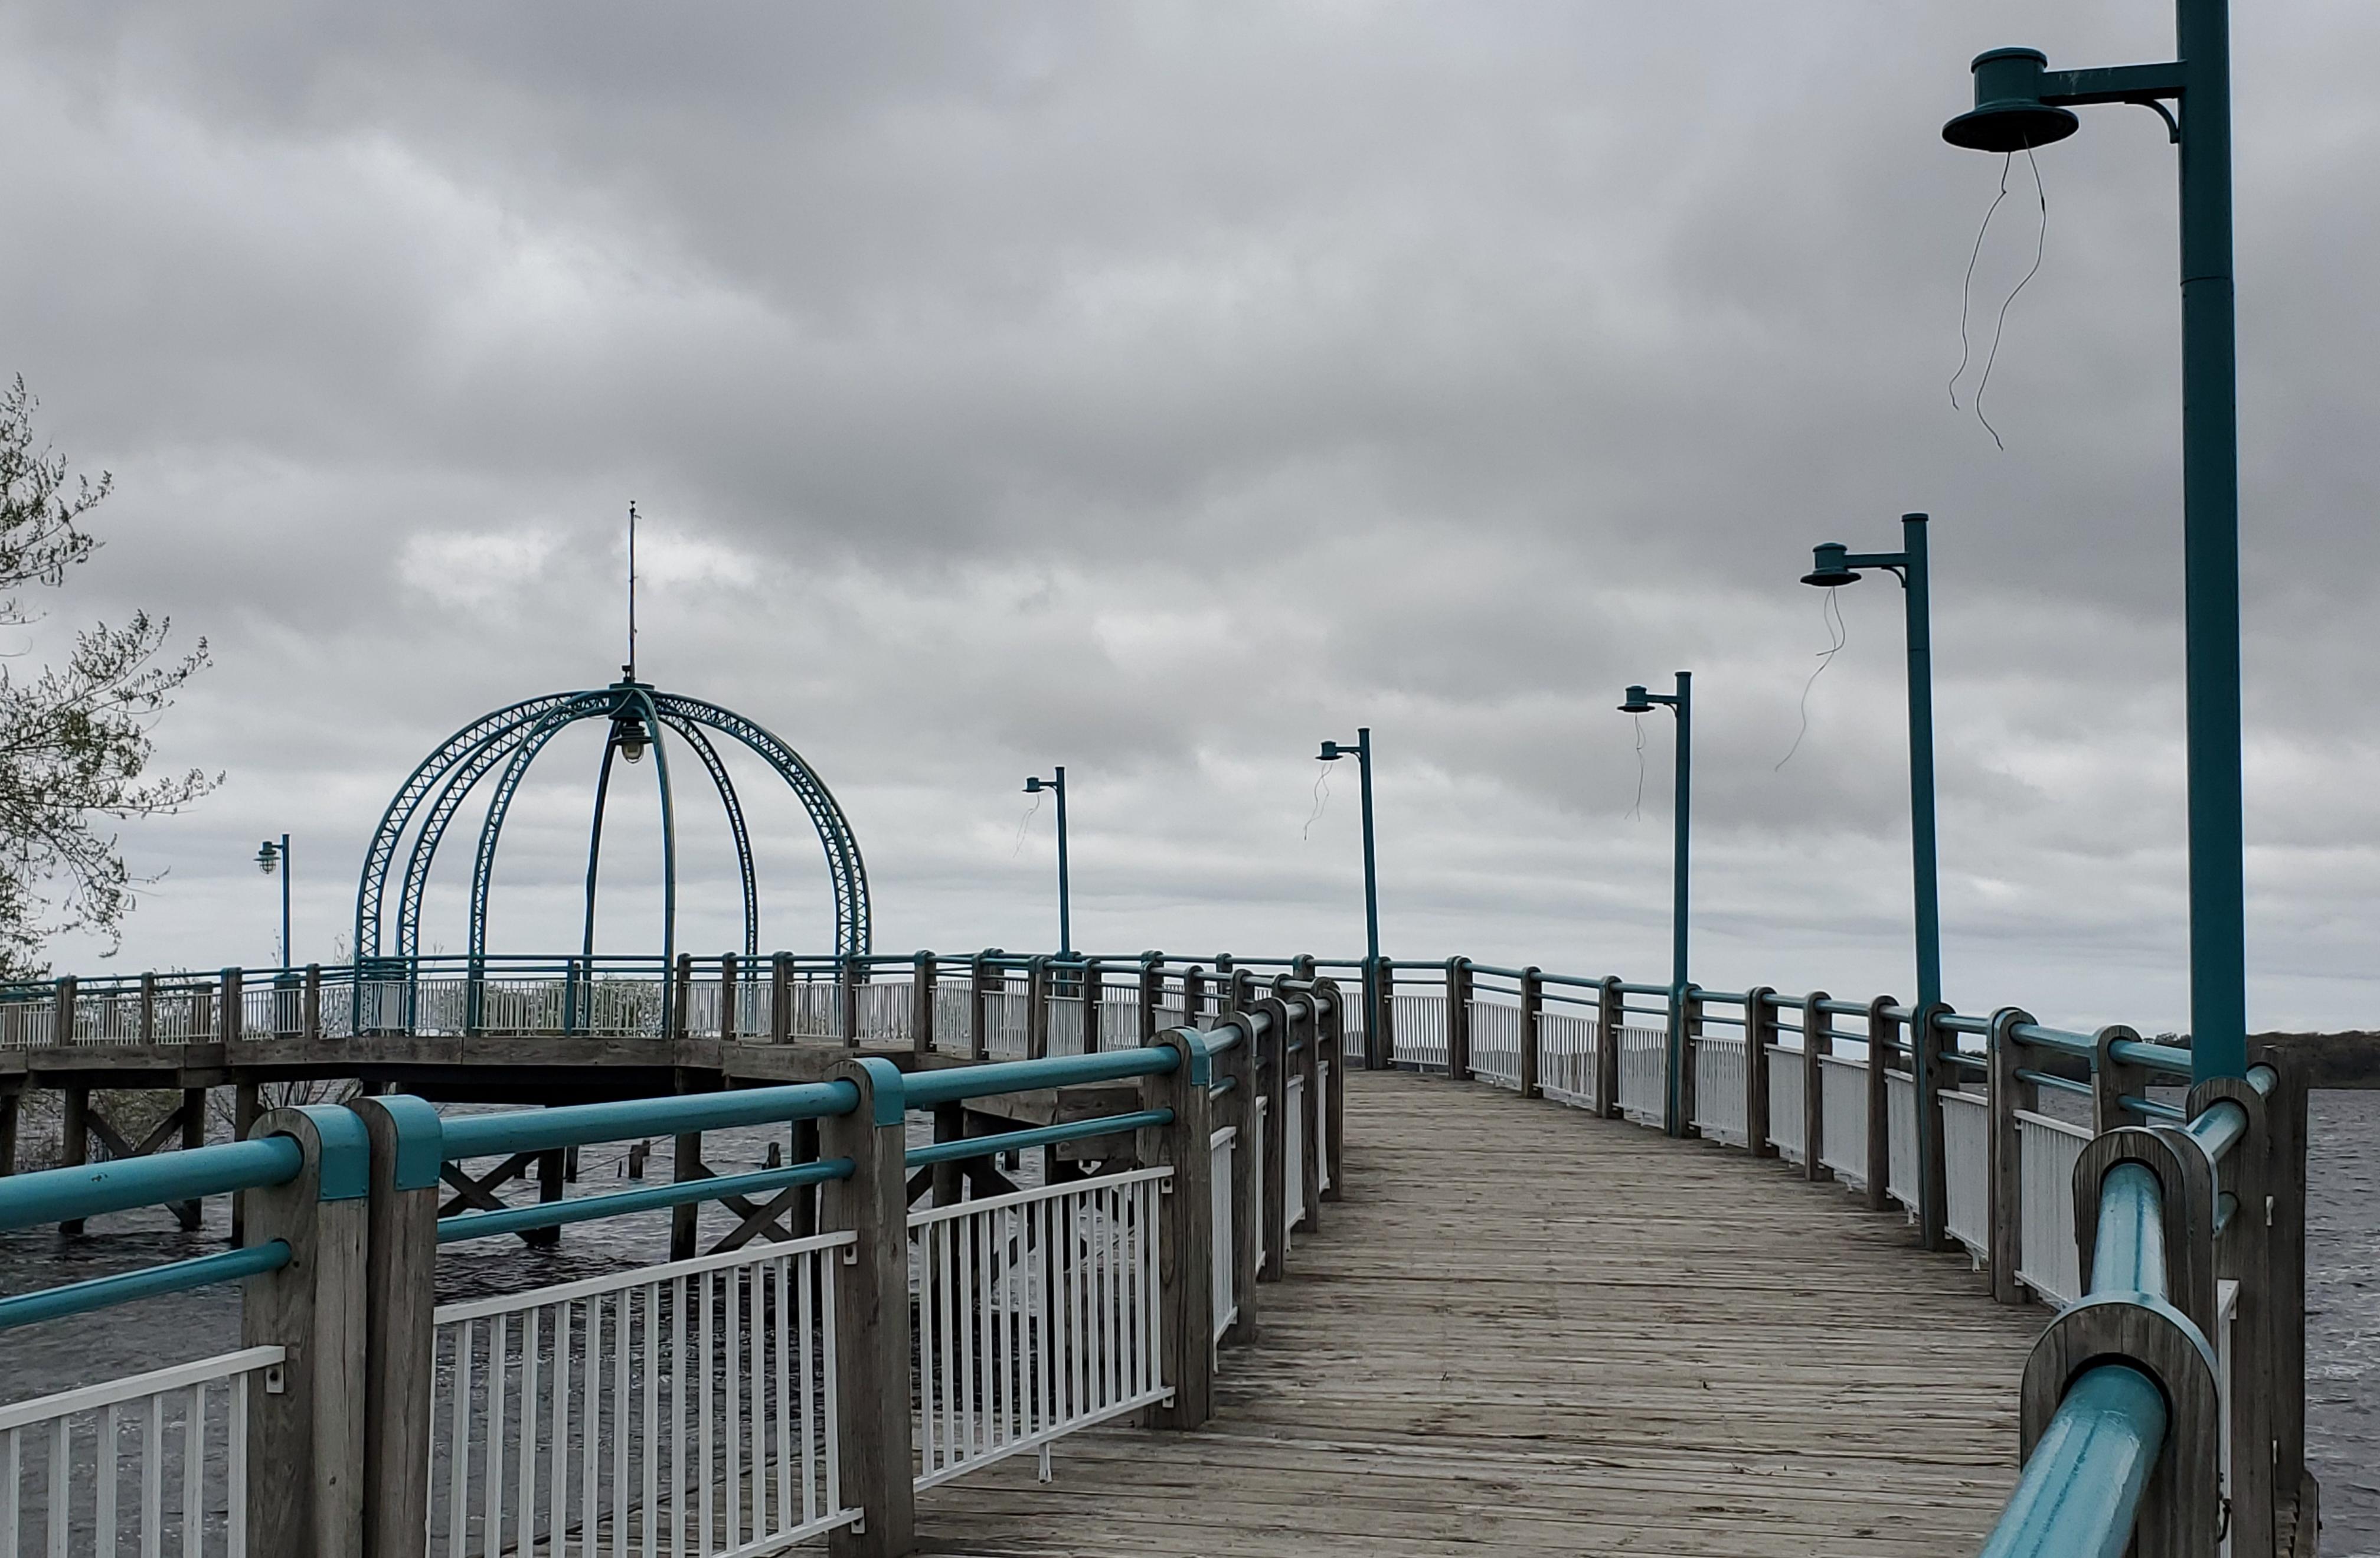 Vandals cause $8K in damage to light fixtures on Heritage Landing bridge